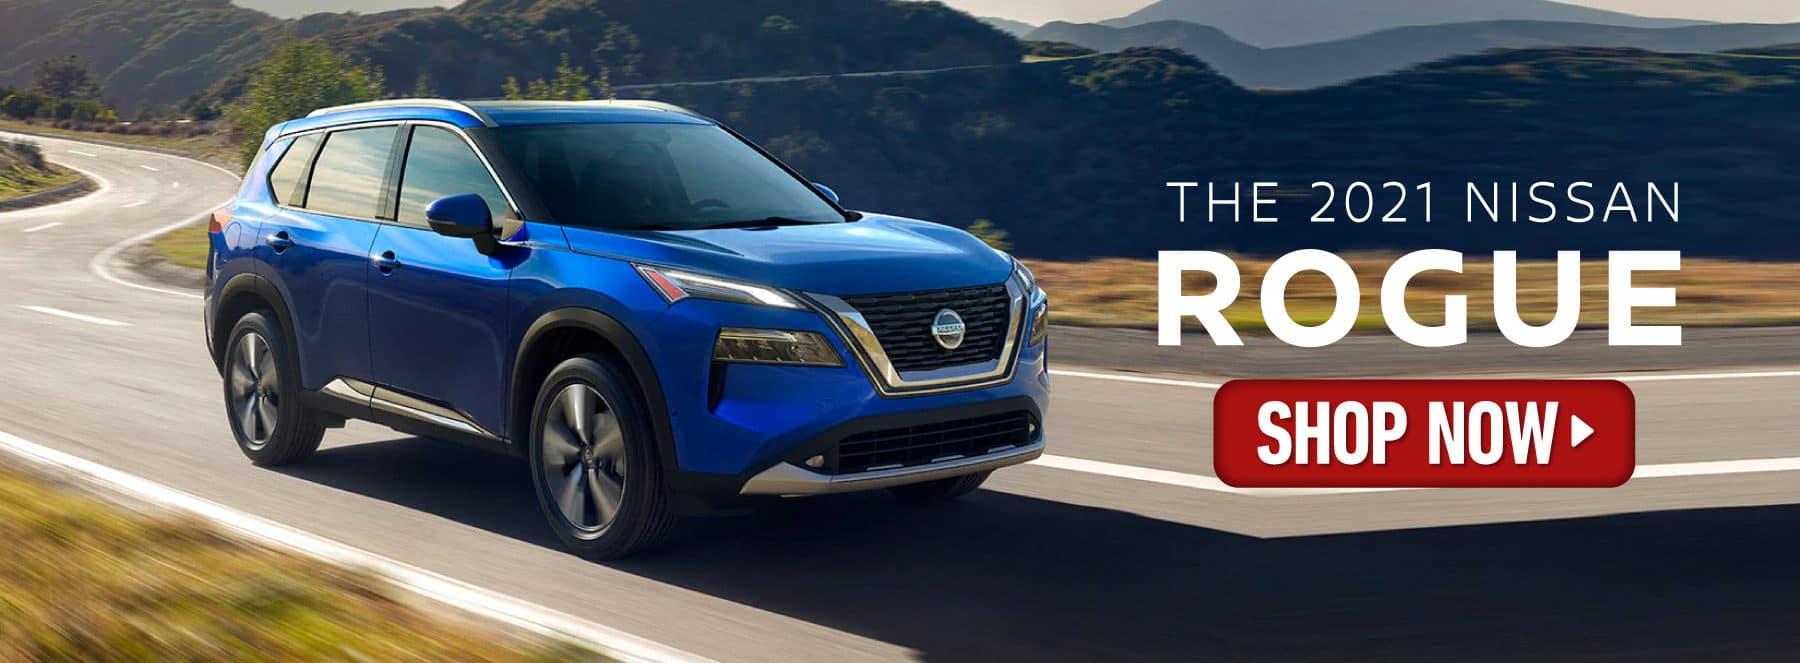 2021 Nissan Rogue | Act